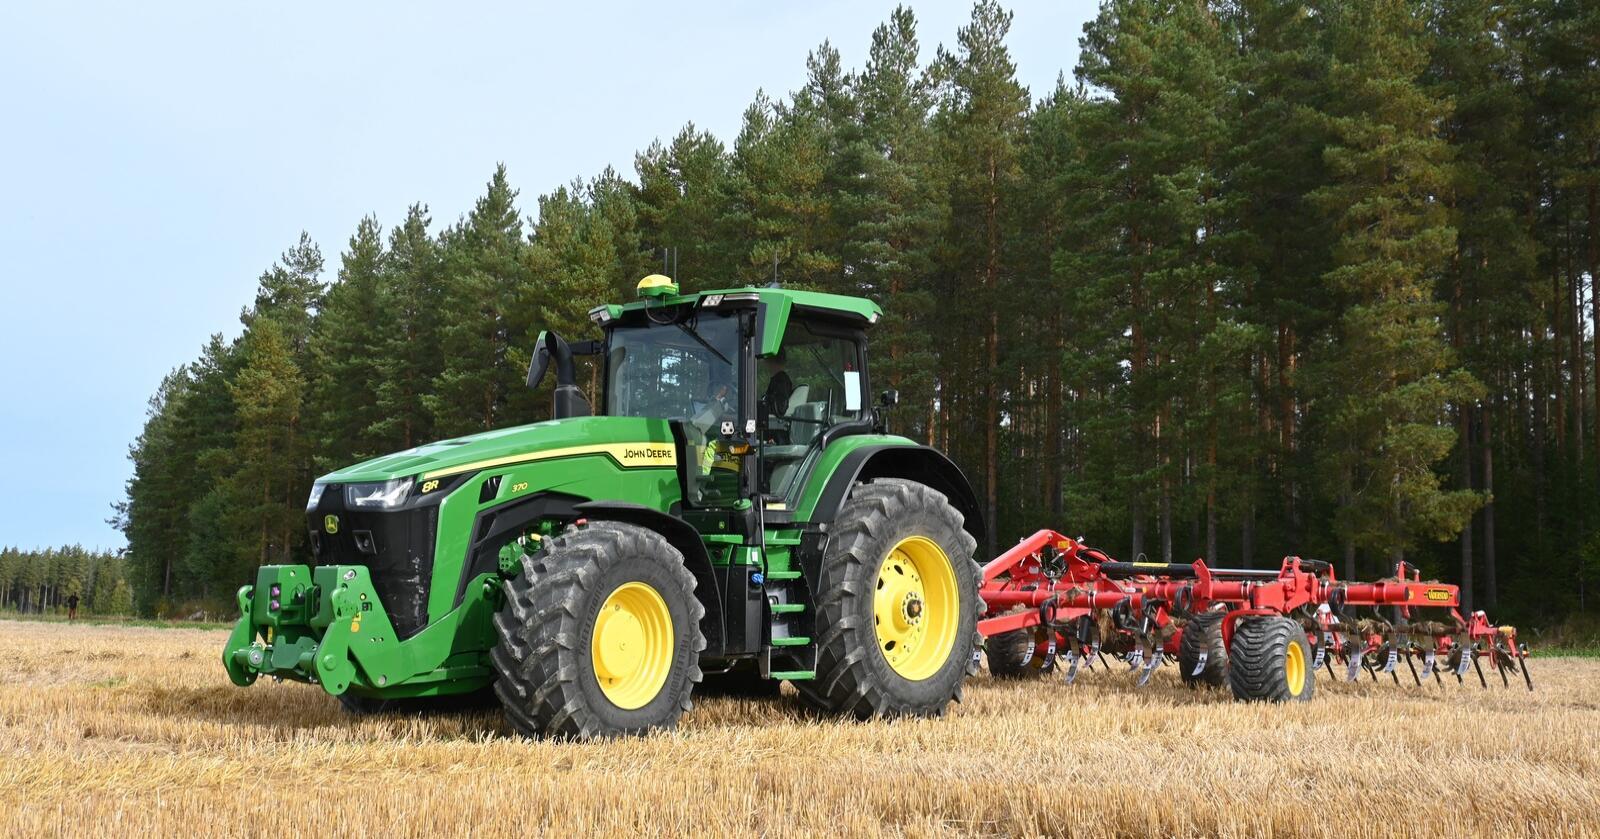 Regulering: alle traktorer med dekk i 8R-serien, blir nå tilgjengelig med dekktrykkregulering fra fabrikk. Bildet er fra Traktor sin prøvekjøring av 8R høsten 2020.